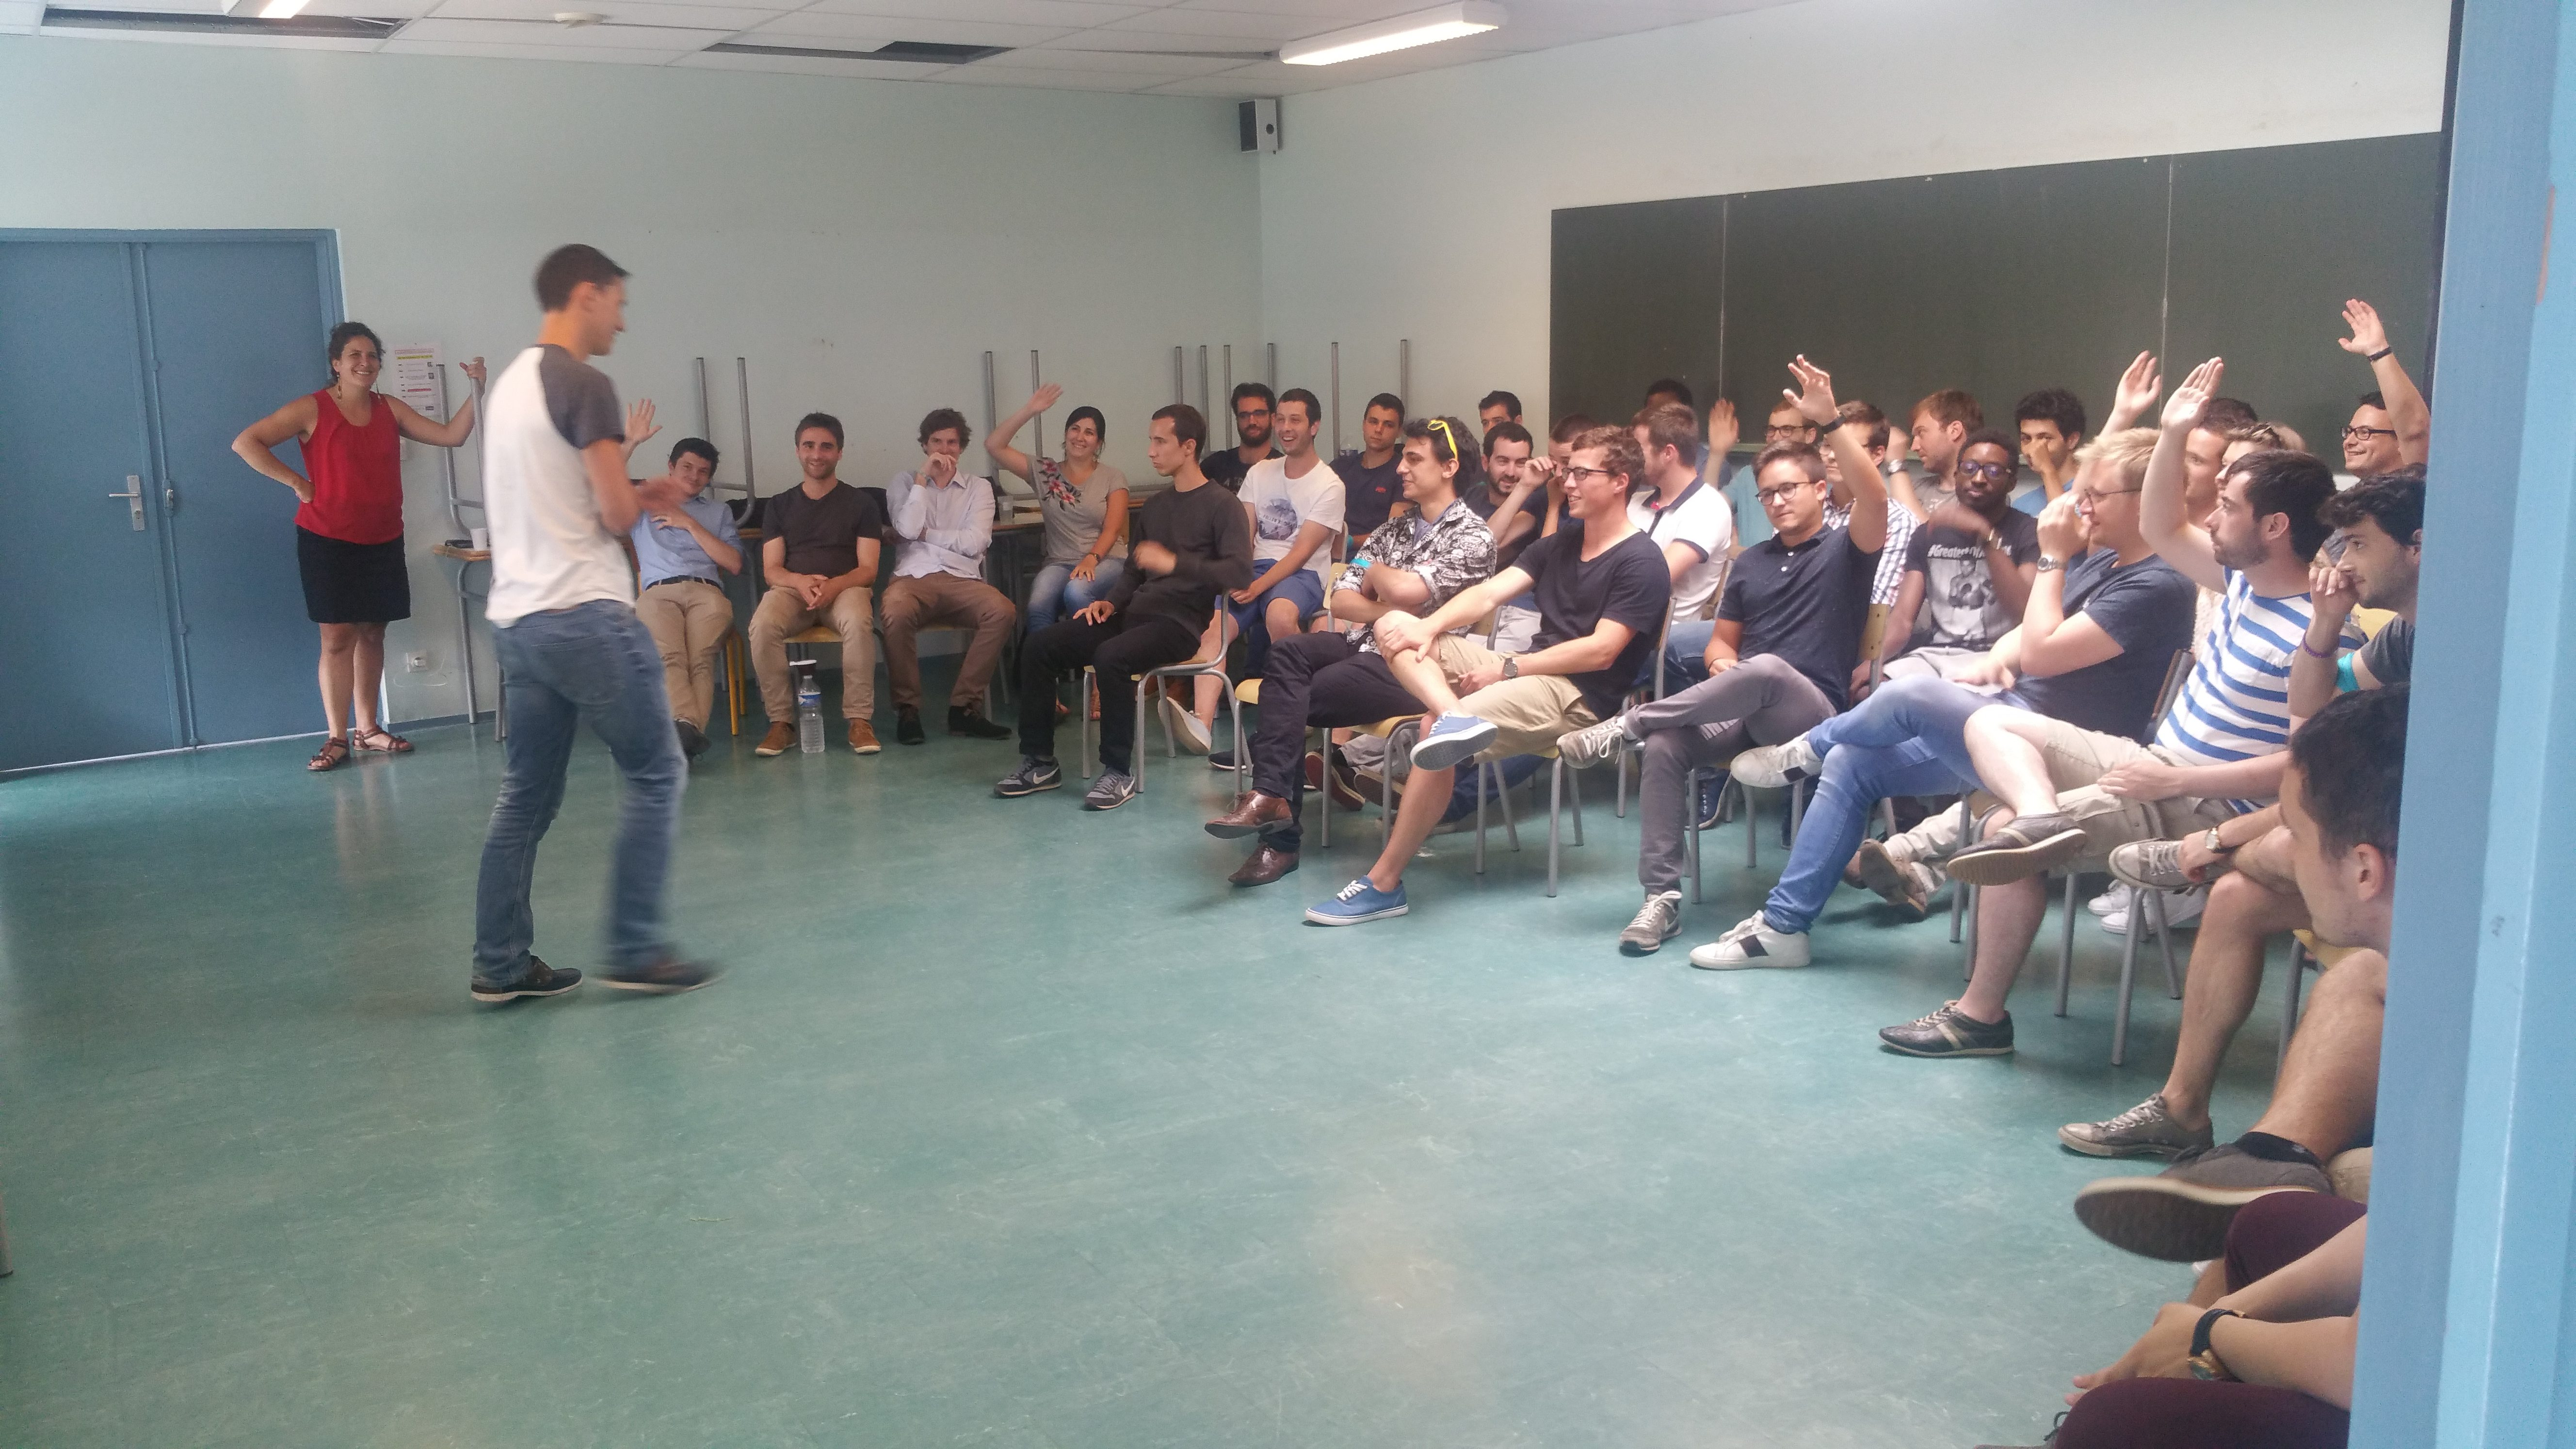 Esprit d'équipe - intelligence collective - Cohésion - Intégration - Grand oral - Grandes écoles